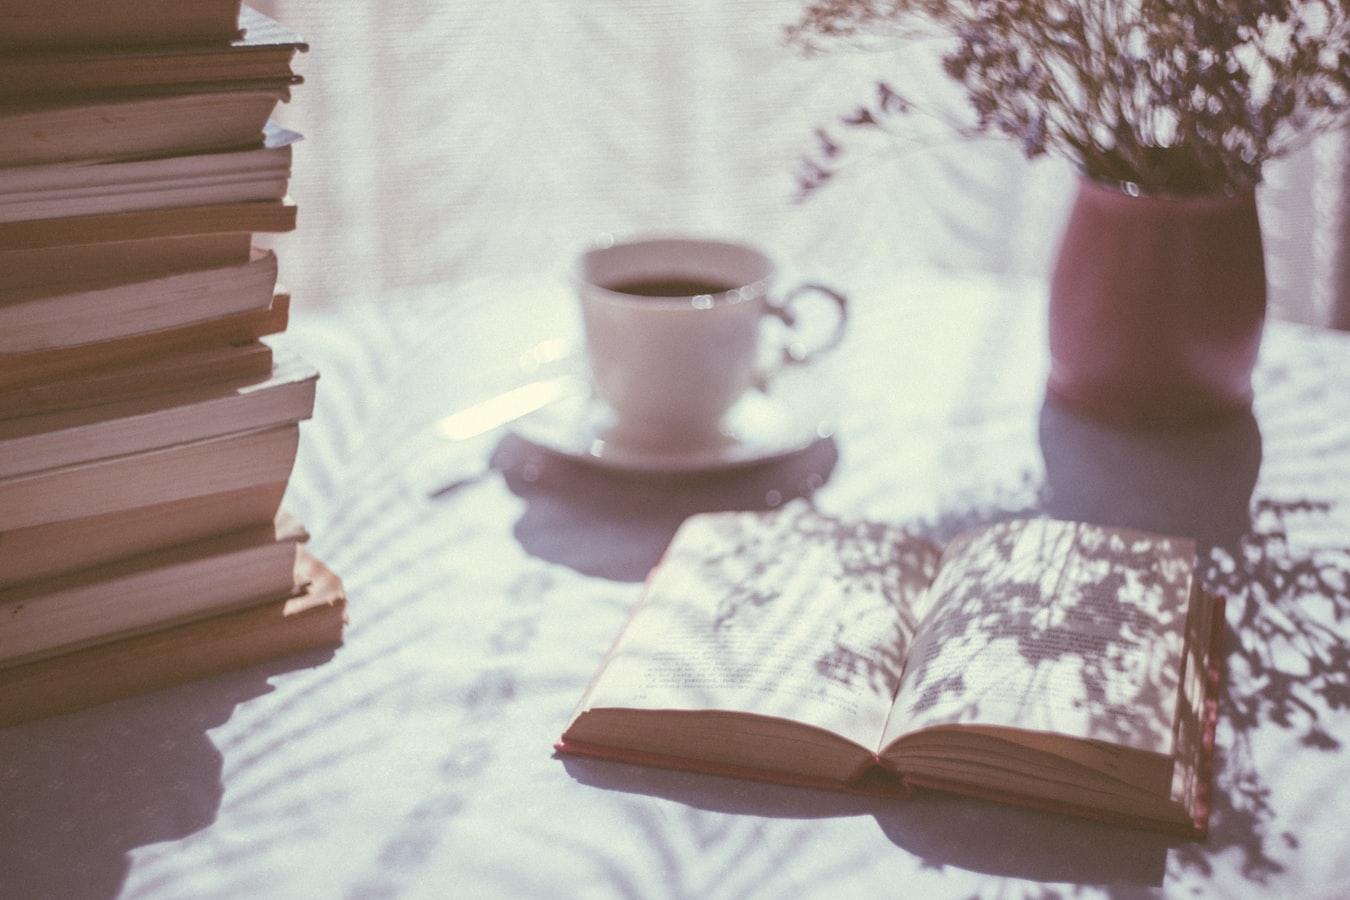 「英語学習のおすすめ洋書20選 メリットや読み方も解説」のアイキャッチ画像